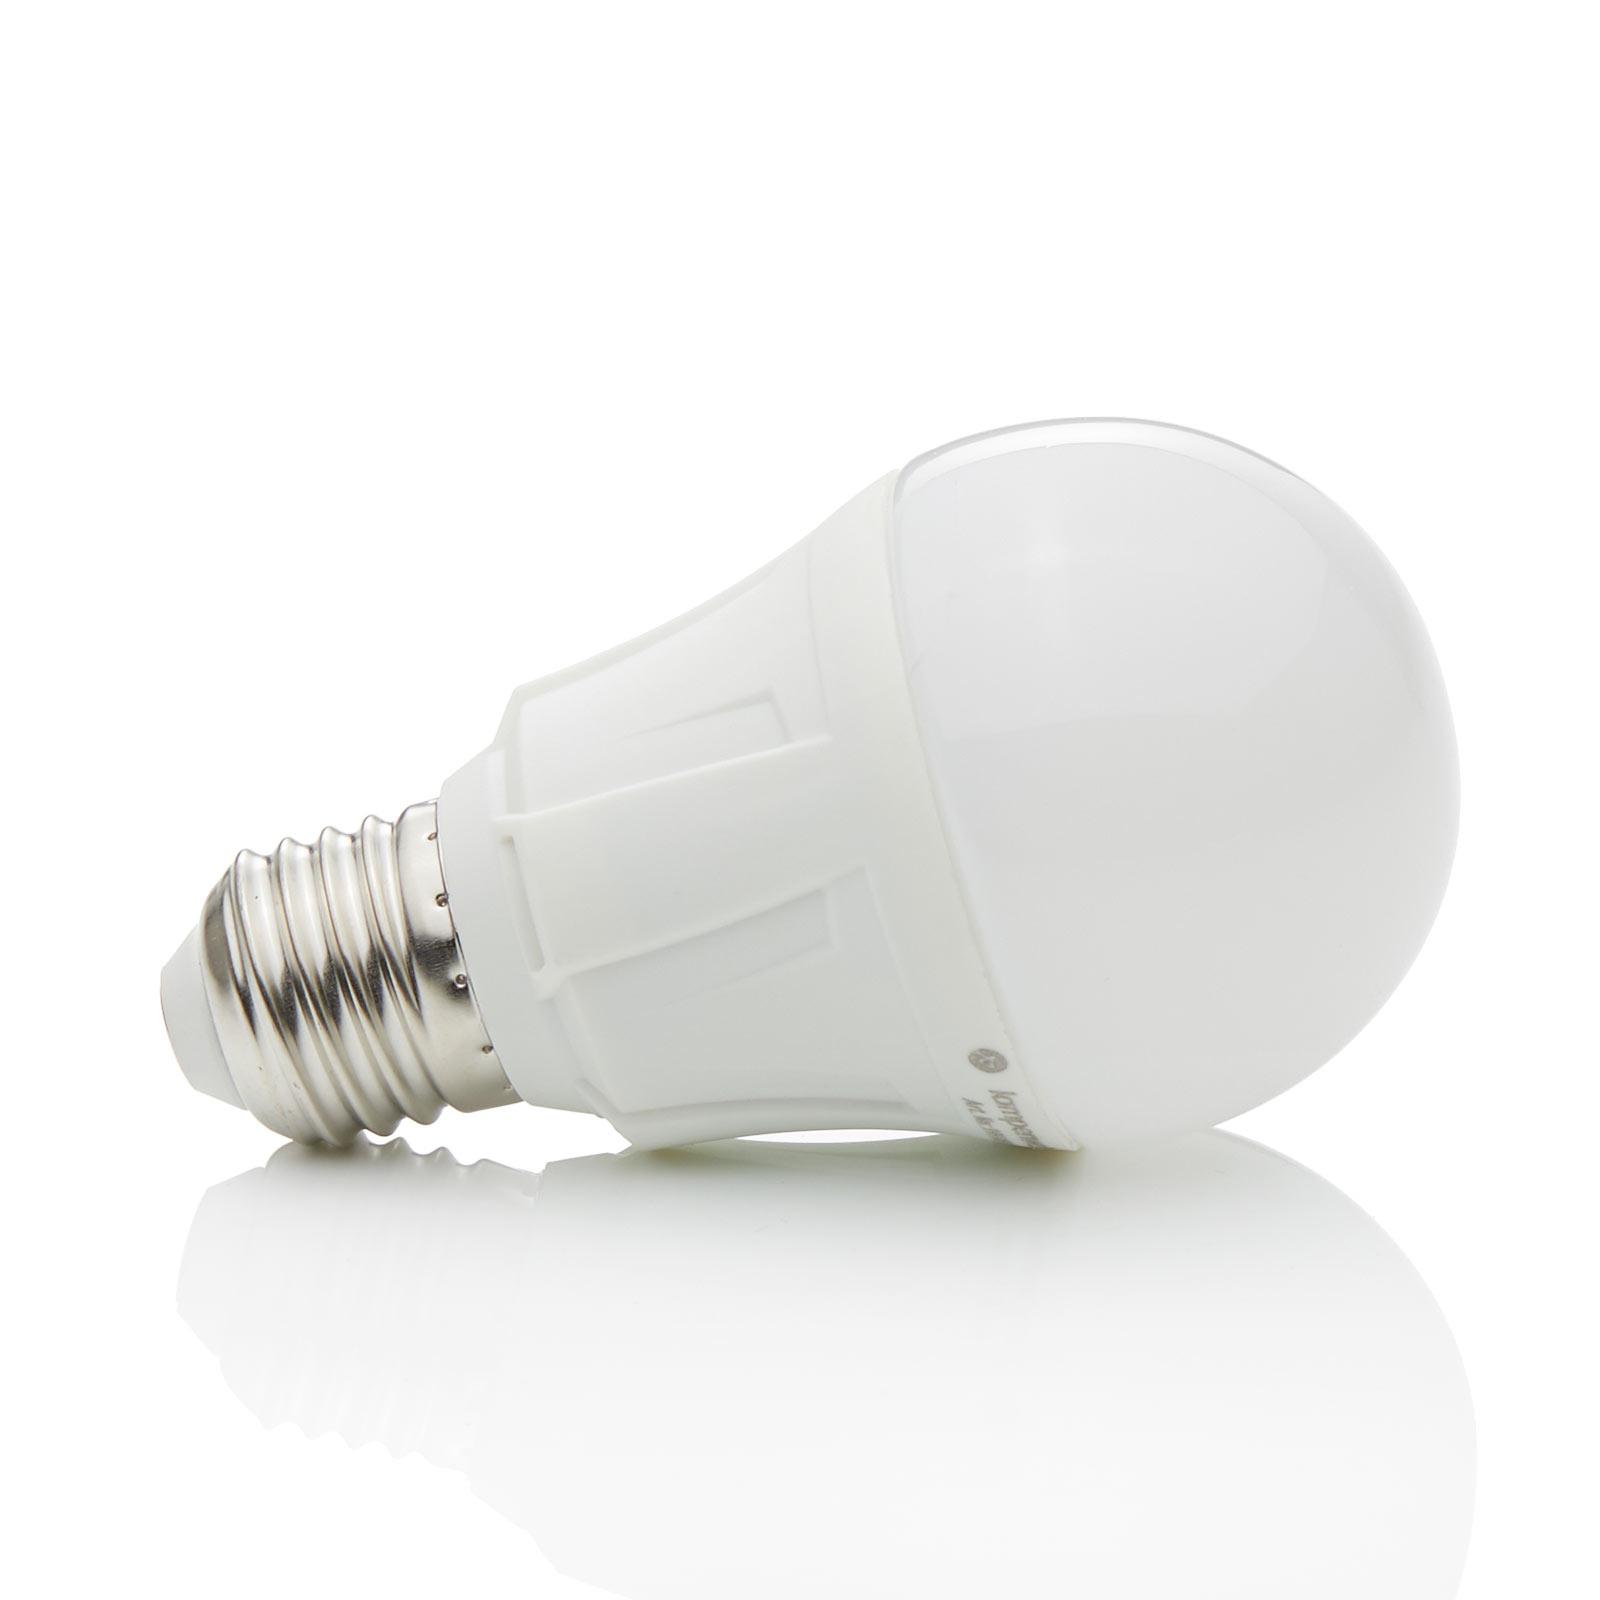 E27 11W 830 LED žiarovka klasický tvar teplá biela_9993002_1